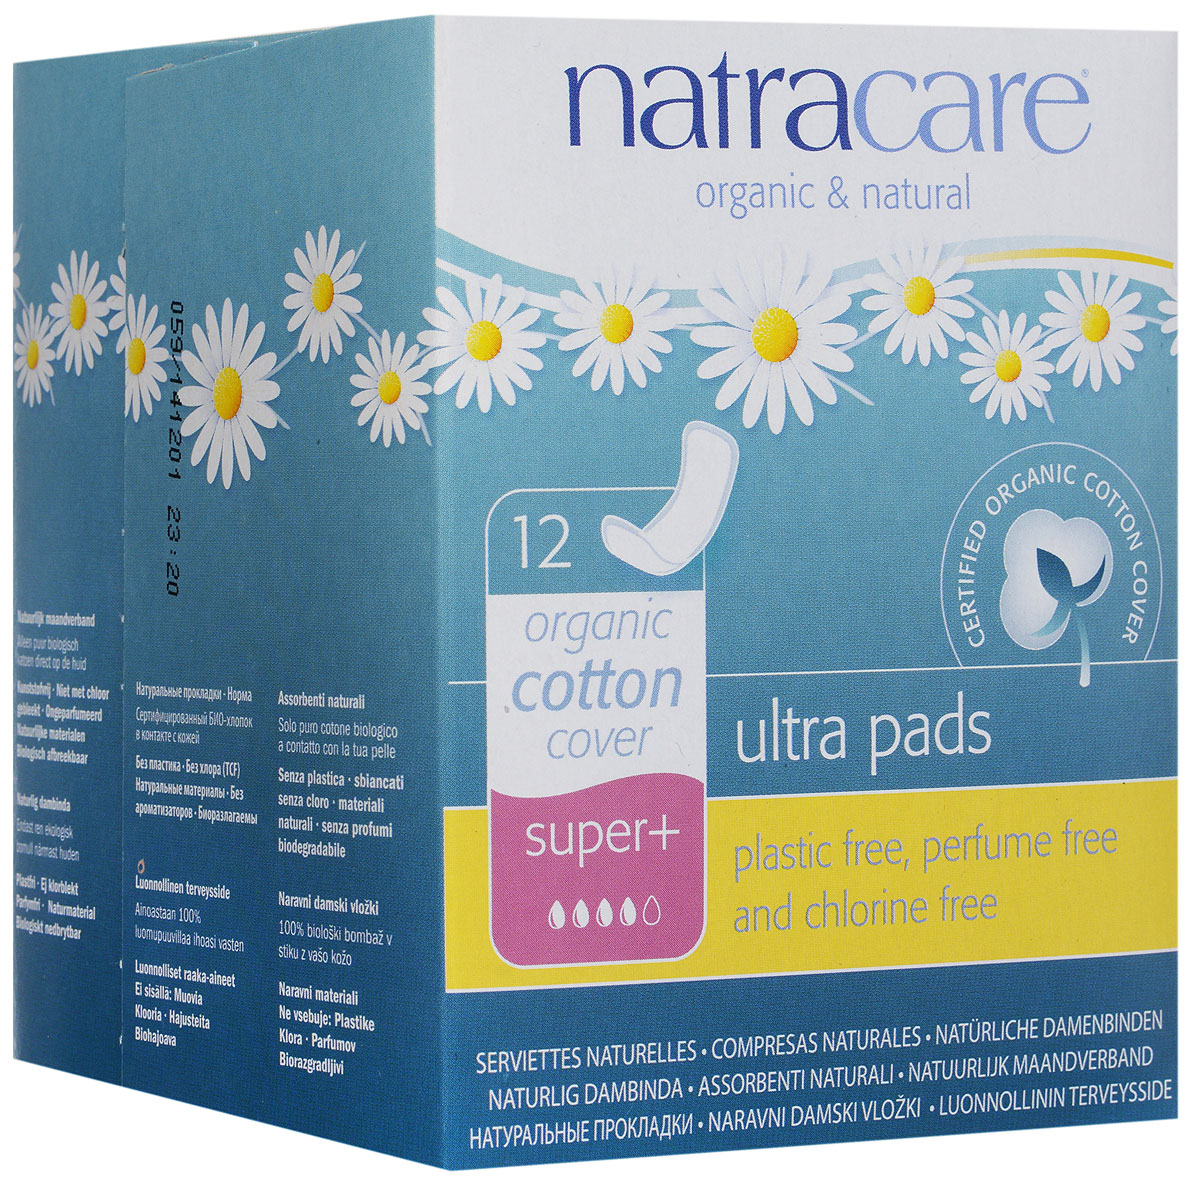 Natracare Гигиенические прокладки Super+, ультратонкие, без крылышек, 12 шт65500407Гигиенические ультратонкие прокладки без крылышек Natracare Super+ предназначены для использования в период менструации для очень обильных выделений. Снабжены влагонепроницаемым барьером. Каждая прокладка упакована в кармашек. Покрытие состоит из Био-хлопка - экологически чистого продукта, выращенного без использования пестицидов, не содержит вредные ингредиенты, не отбелено хлором, и полностью разлагается после применения.В производстве прокладок использовался биопласт - пластик нового поколения, изготовленный из кукурузного крахмала, без ГМО. Он воздухопроницаемый, но не пропускает жидкость. В противоположность обычным пластикам, биопласт изготовлен из растительных материалов и биоразлагается.Компания Bodywise была создана в Великобритании в 1989 году. На сегодняшний день она имеет представительства более чем в 40 странах мира.Компания Bodywise предлагает экологически чистые гигиенические средства для женщин.Серия Natracare представляет более 20 наименований средств персональной гигиены высокого качества.Женские гигиенические средства Natracare были созданы Сюзи Хьюсон в 1989 году в результате обеспокоенности разрушающим эффектом, который оказывает загрязнение диоксинами на здоровье женщин. На сегодняшний день разработан большой диапазон по-настоящему био и натуральных продуктов для женщин и детей. Продукция Natracare является продукцией, рекомендованной врачами-гинекологами.Товар сертифицирован.